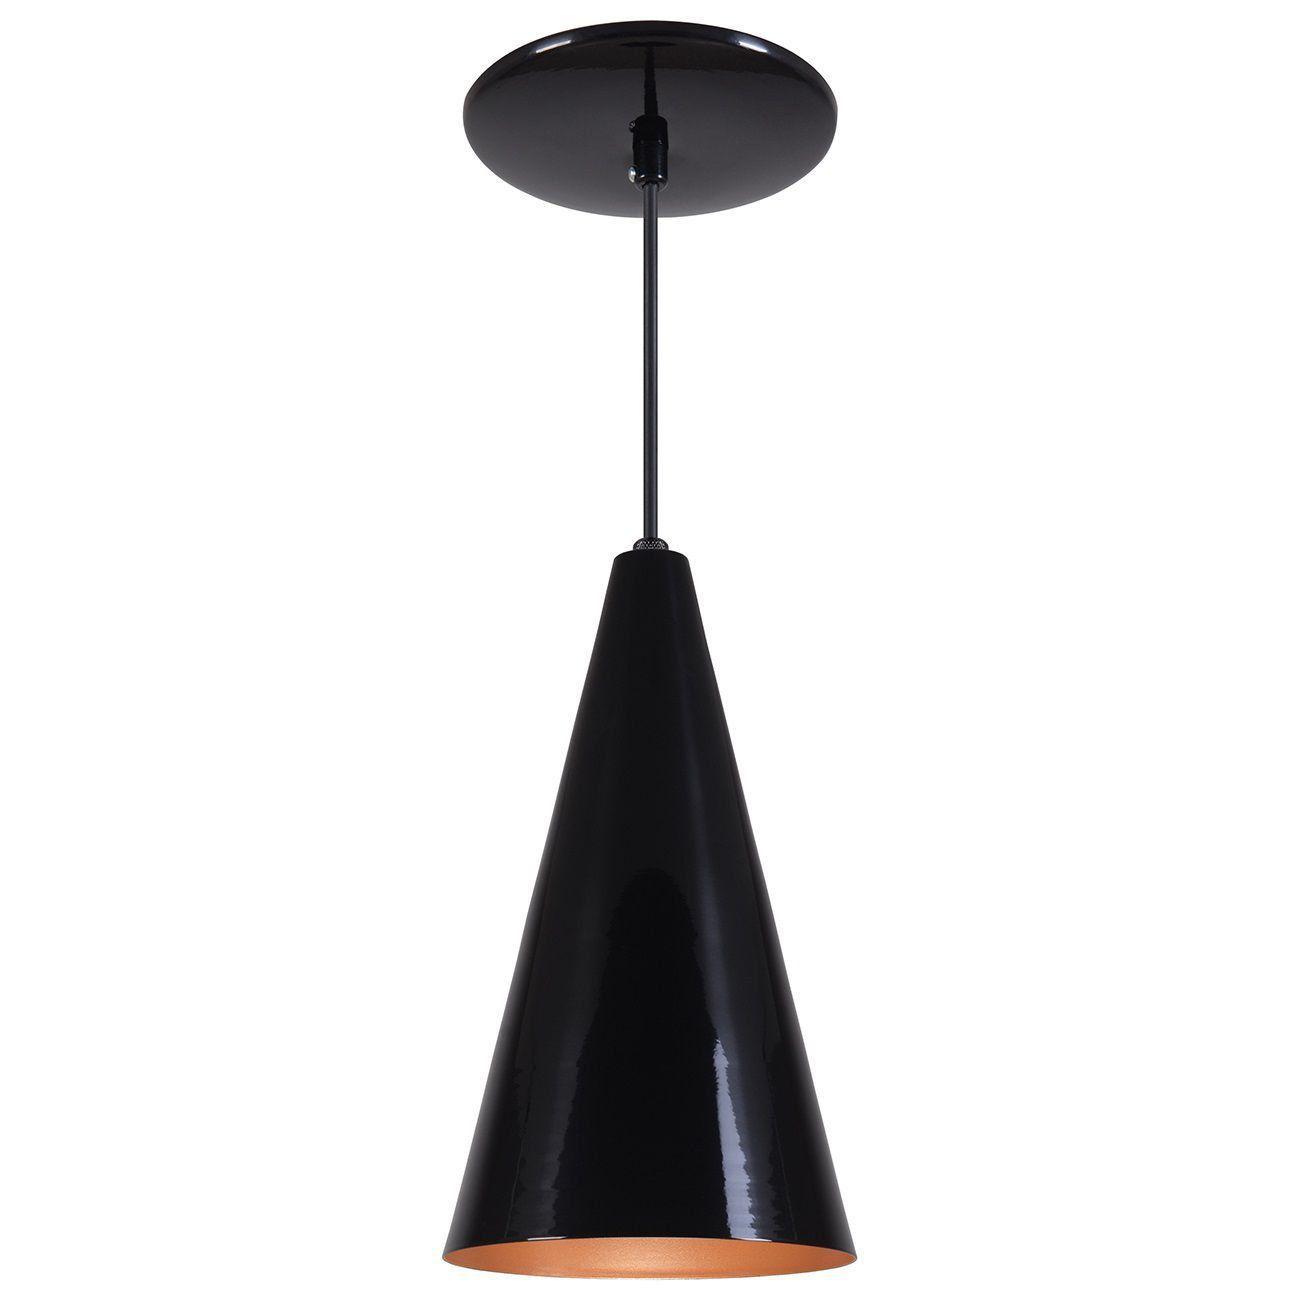 Pendente Cone Luminária Lustre Alumínio Preto Brilhante C/ Cobre - Rei Da Iluminação